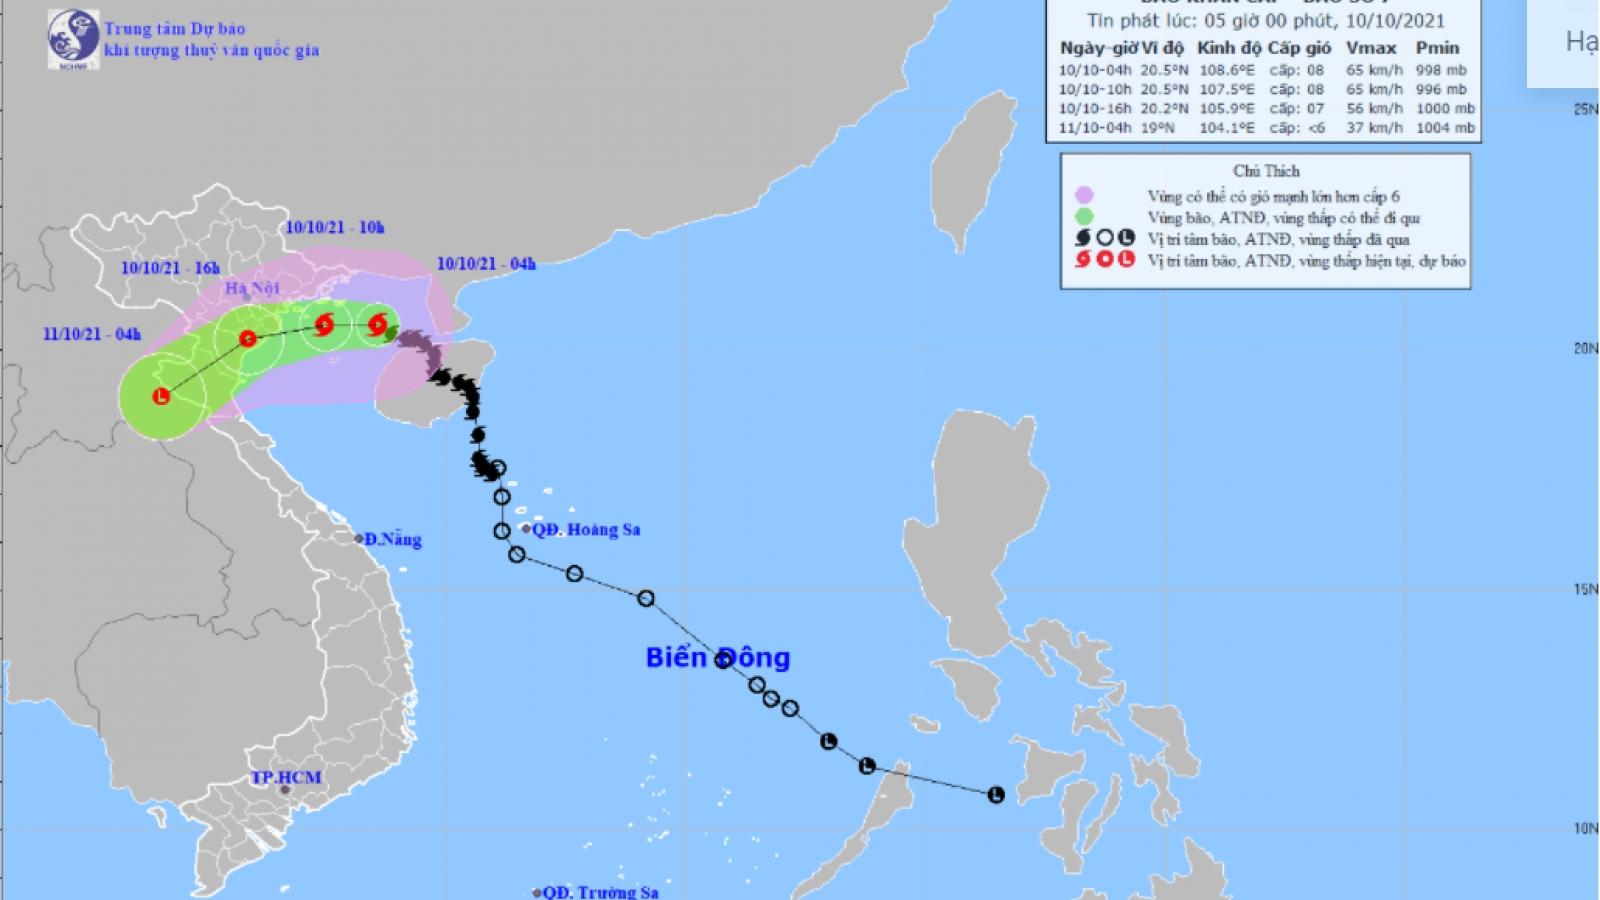 Bão số 7 cách Bạch Long Vĩ 100km gió giật cấp 10, Biển Đông sắp đón thêm bão Kompasu